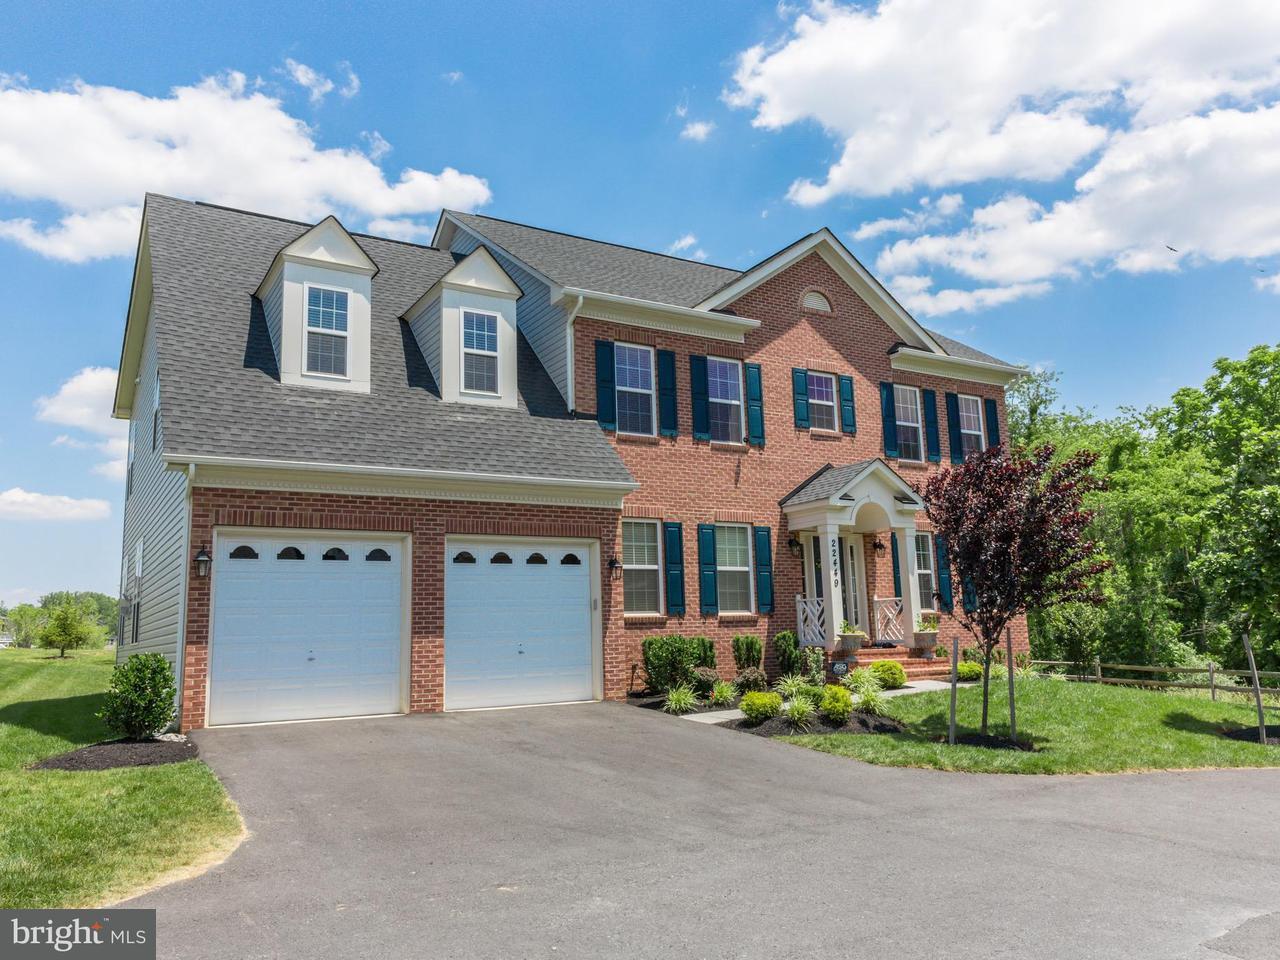 獨棟家庭住宅 為 出售 在 22449 WINDING WOODS WAY 22449 WINDING WOODS WAY Clarksburg, 馬里蘭州 20871 美國